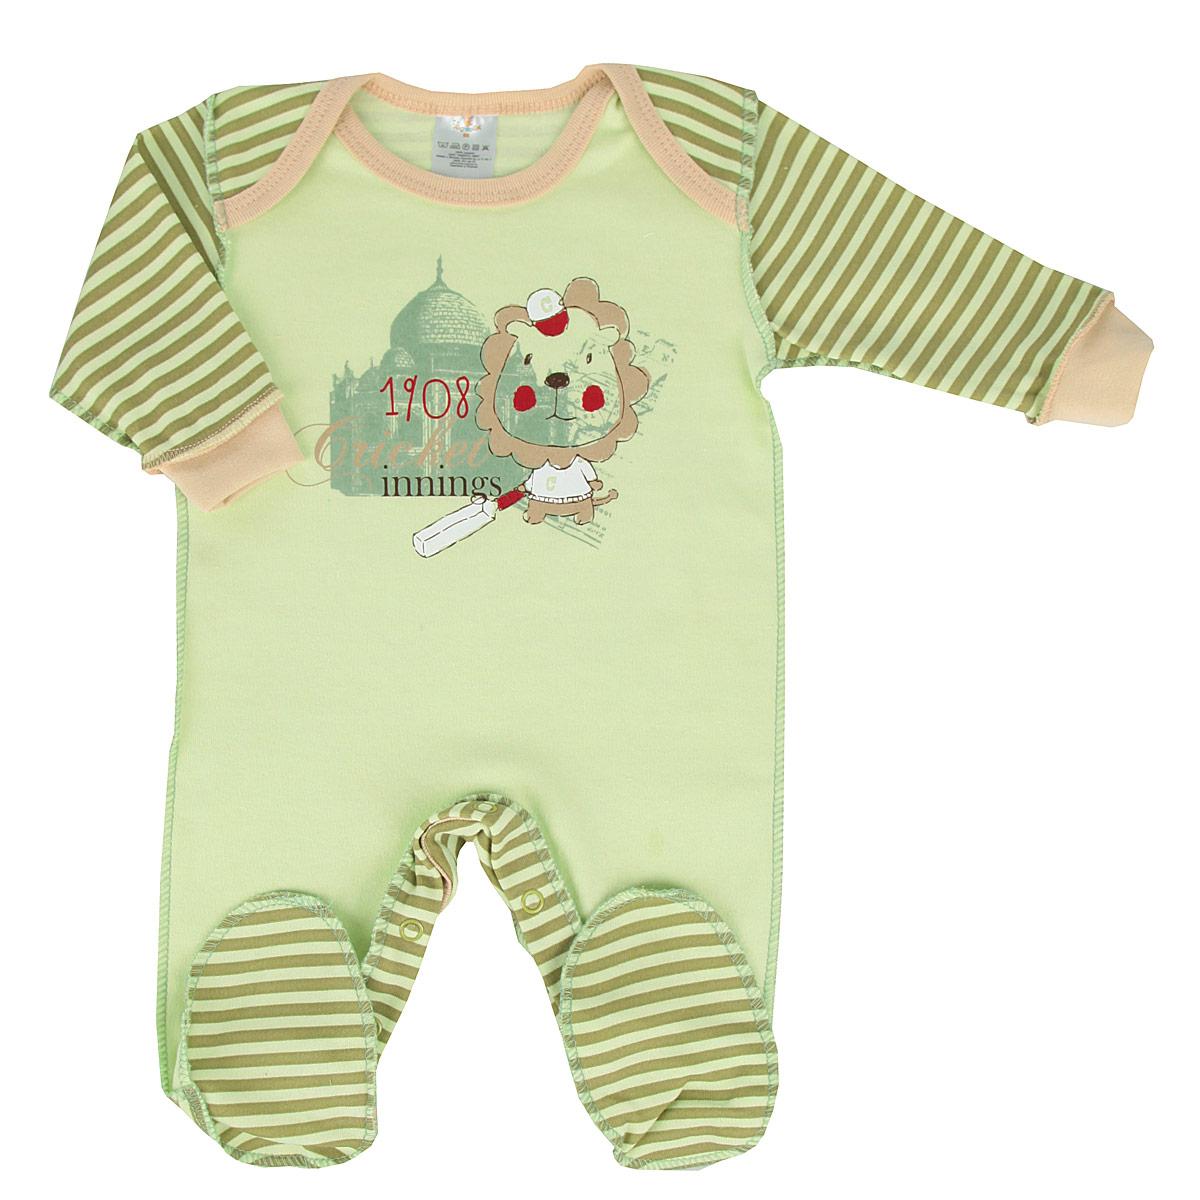 Комбинезон для мальчика КотМарКот, цвет: оливковый, светло-зеленый. 6183. Размер 68, 3-6 месяцев6183Детский комбинезон для мальчика КотМарКот - очень удобный и практичный вид одежды для малышей. Комбинезон выполнен из натурального хлопка, благодаря чему он необычайно мягкий и приятный на ощупь, не раздражает нежную кожу ребенка, хорошо вентилируется, и не препятствует его движениям. Комбинезон с длинными рукавами и закрытыми ножками имеет удобные запахи на плечах и застегивается при помощи ряда кнопок по внутреннему шву штанин, что помогает легко переодеть младенца и сменить подгузник. Рукава дополнены широкими трикотажными манжетами, которые мягко обхватывают запястья.Комбинезон декорирован принтом в полоску и оформлен изображением очаровательного львенка-спортсмена. С этим детским комбинезоном спинка и ножки вашего малыша всегда будут в тепле, он идеален для использования днем и незаменим ночью. Комбинезон полностью соответствует особенностям жизни младенца в ранний период, не стесняя и не ограничивая его в движениях!